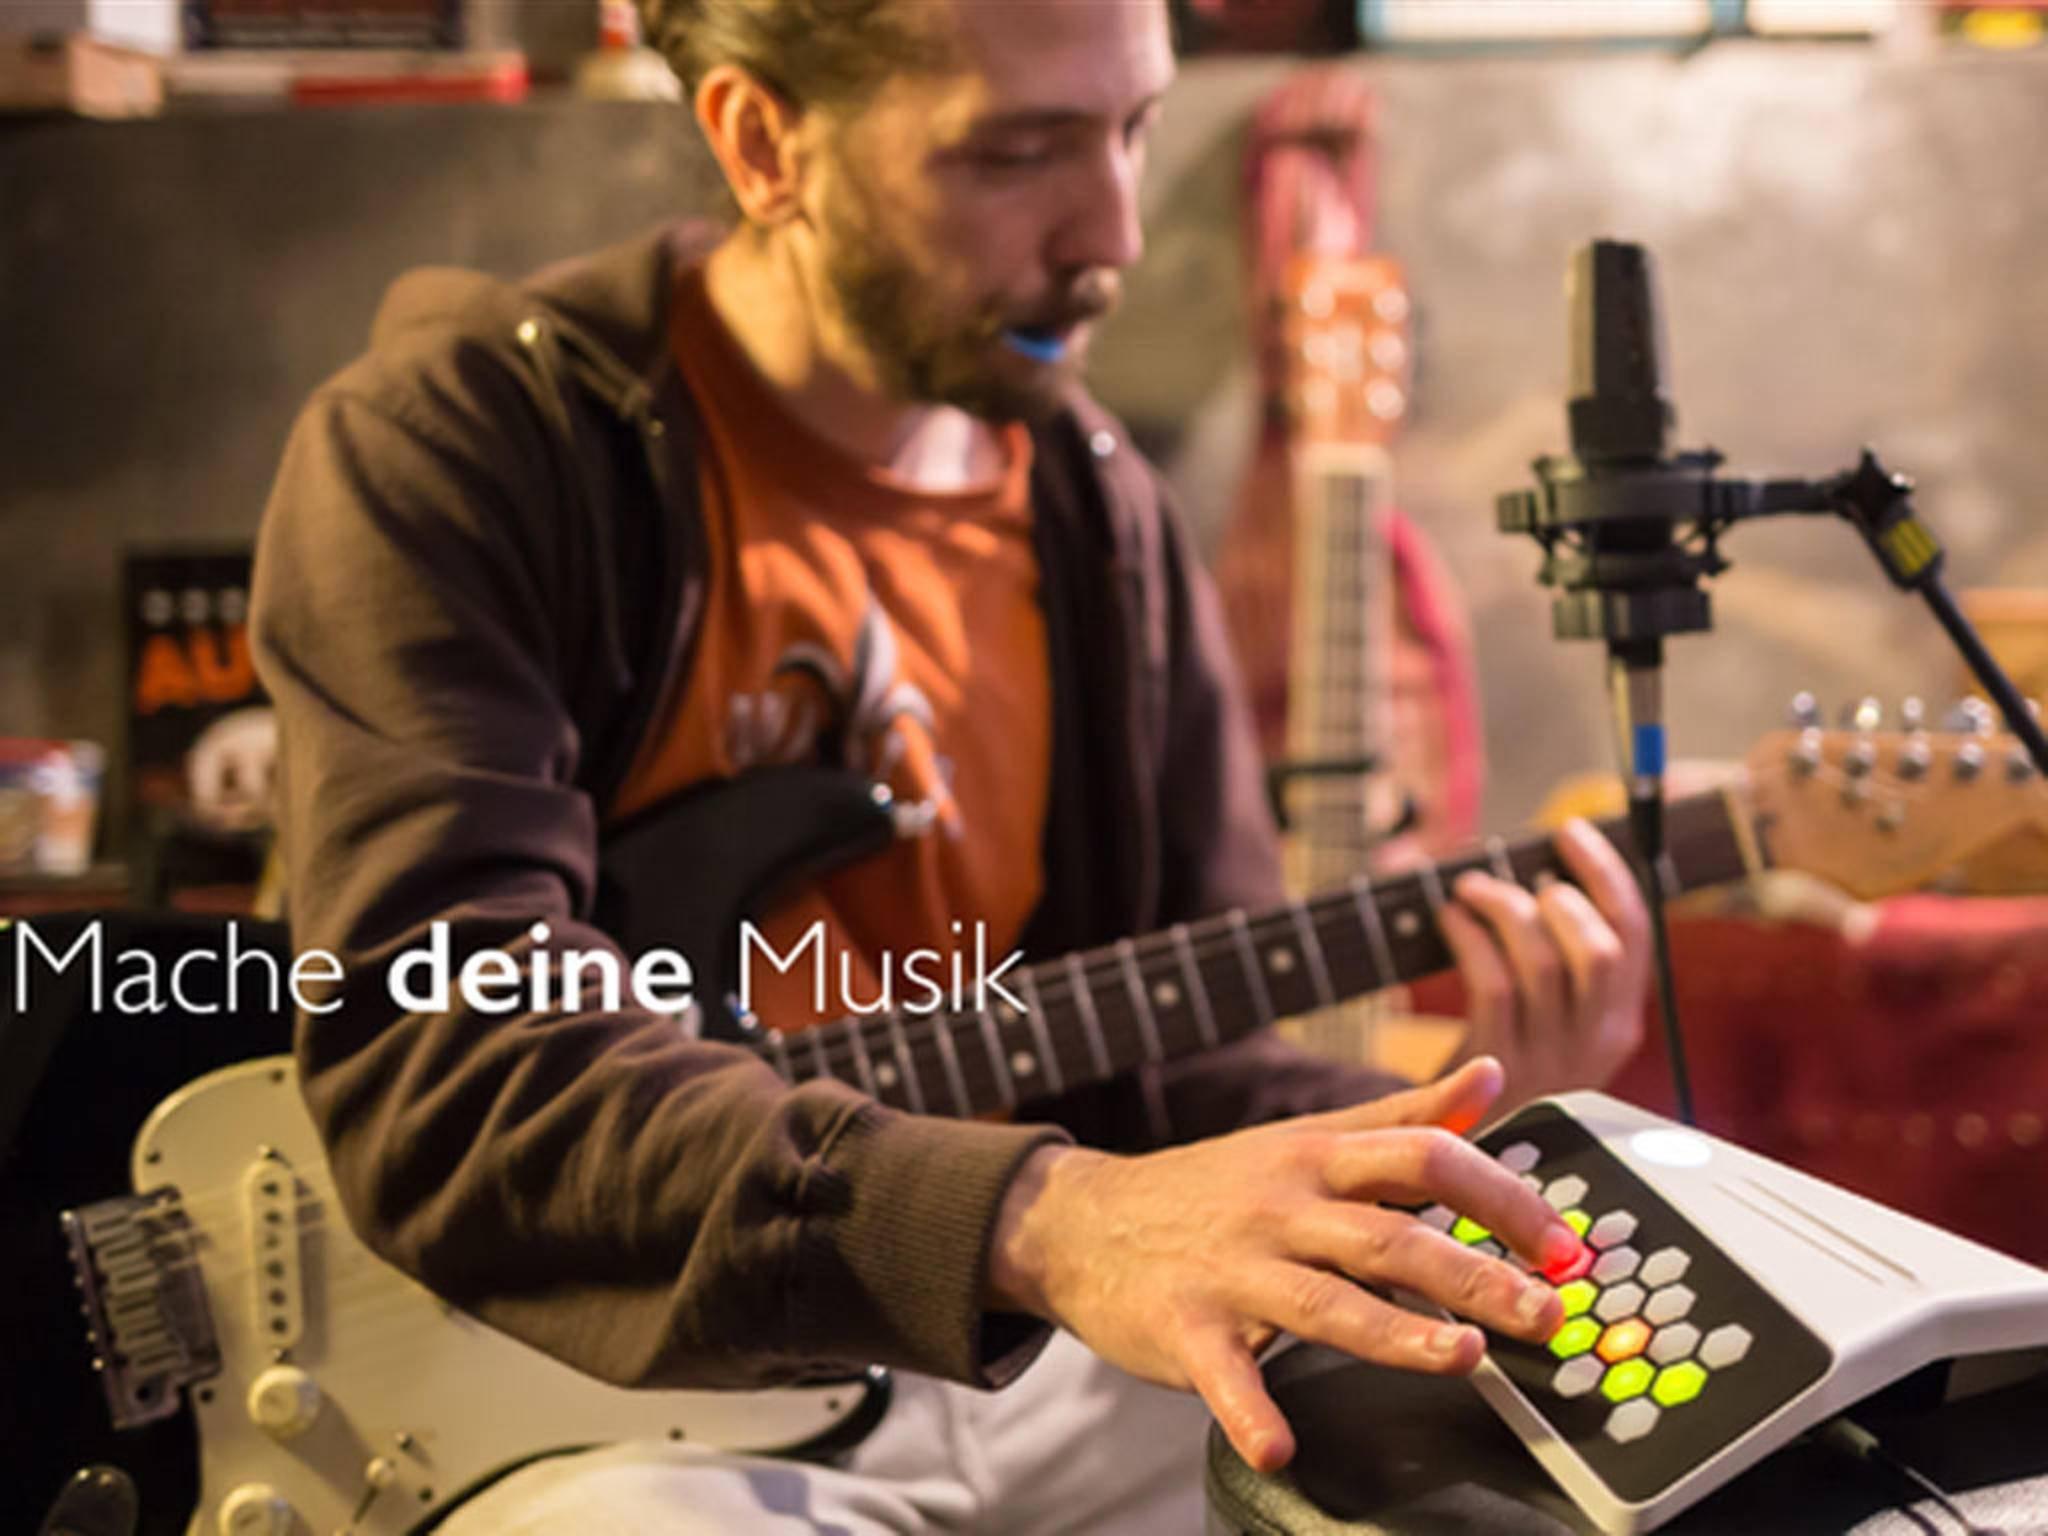 Mit Dualo können auch Musiker professionell Musik machen.